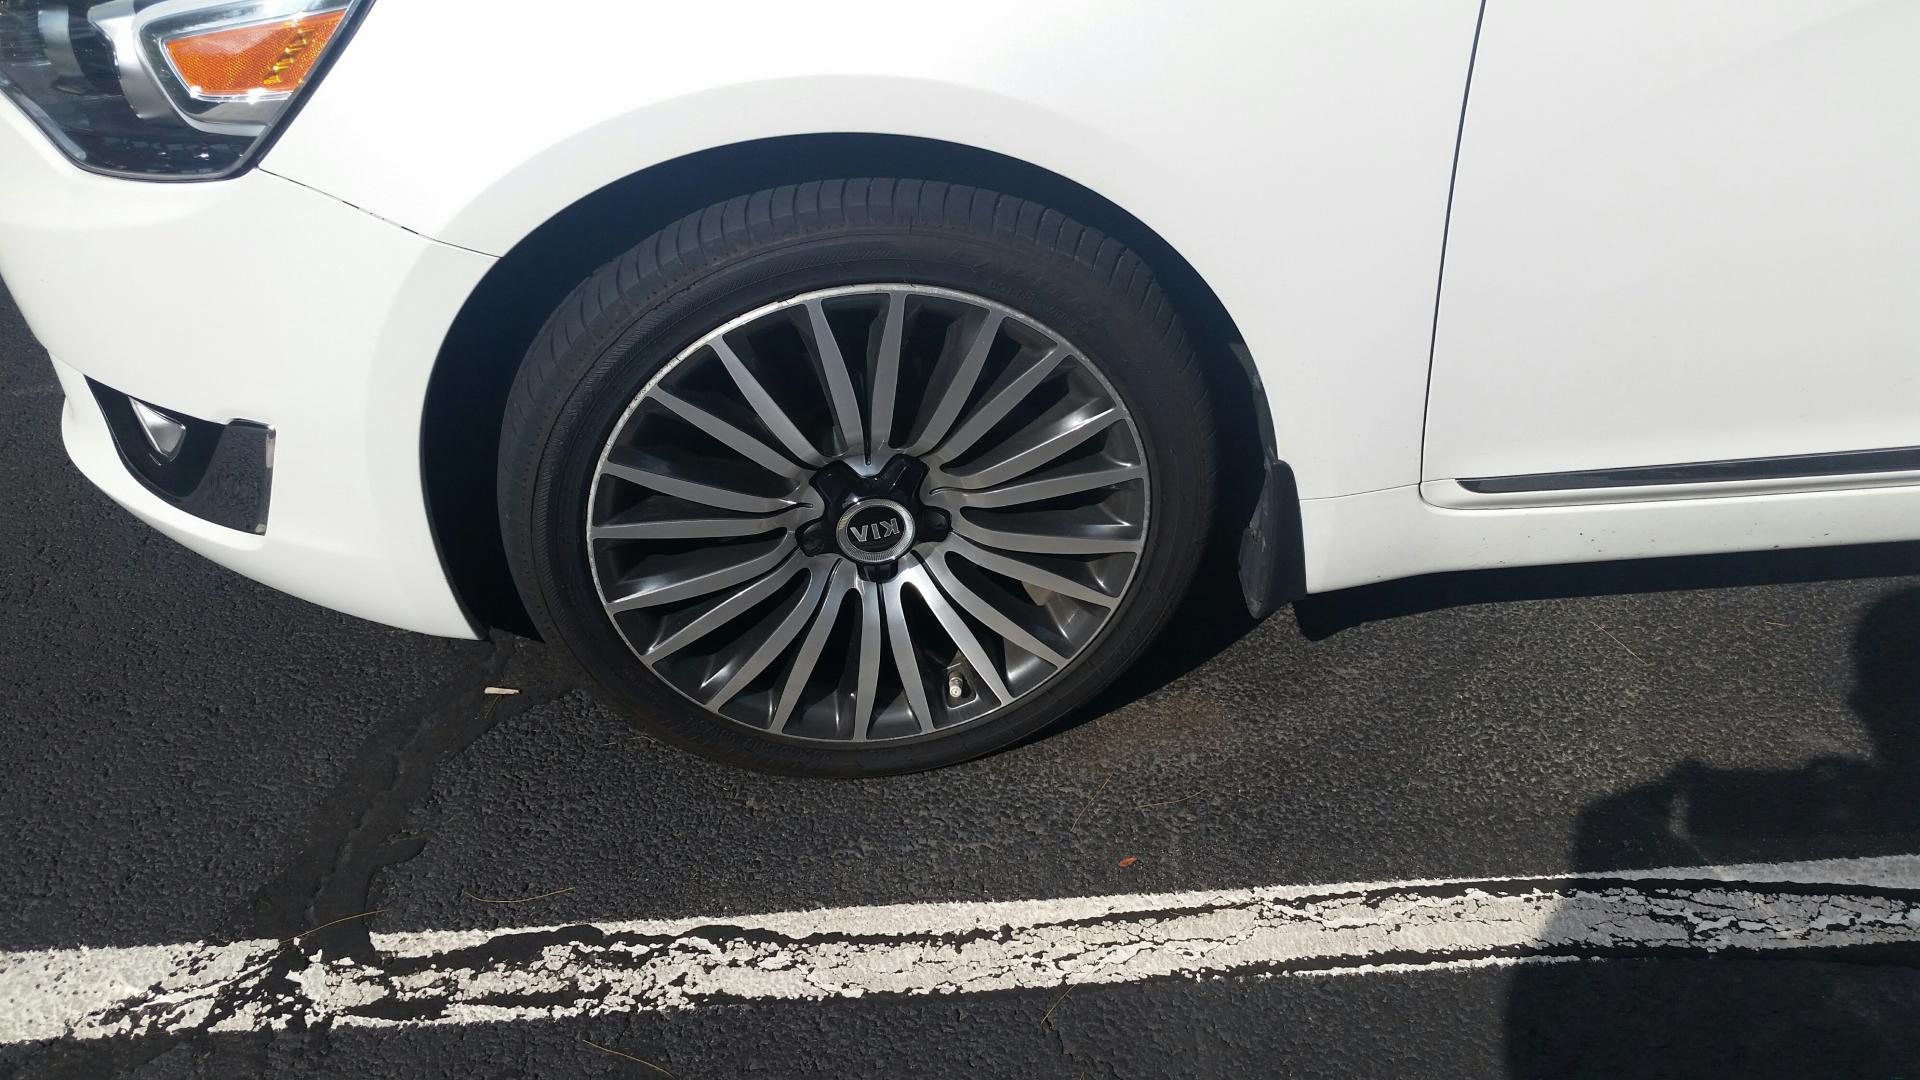 Fs 2015 kia cadenza 19 wheels no tires or tpms 20150519_164544_resized